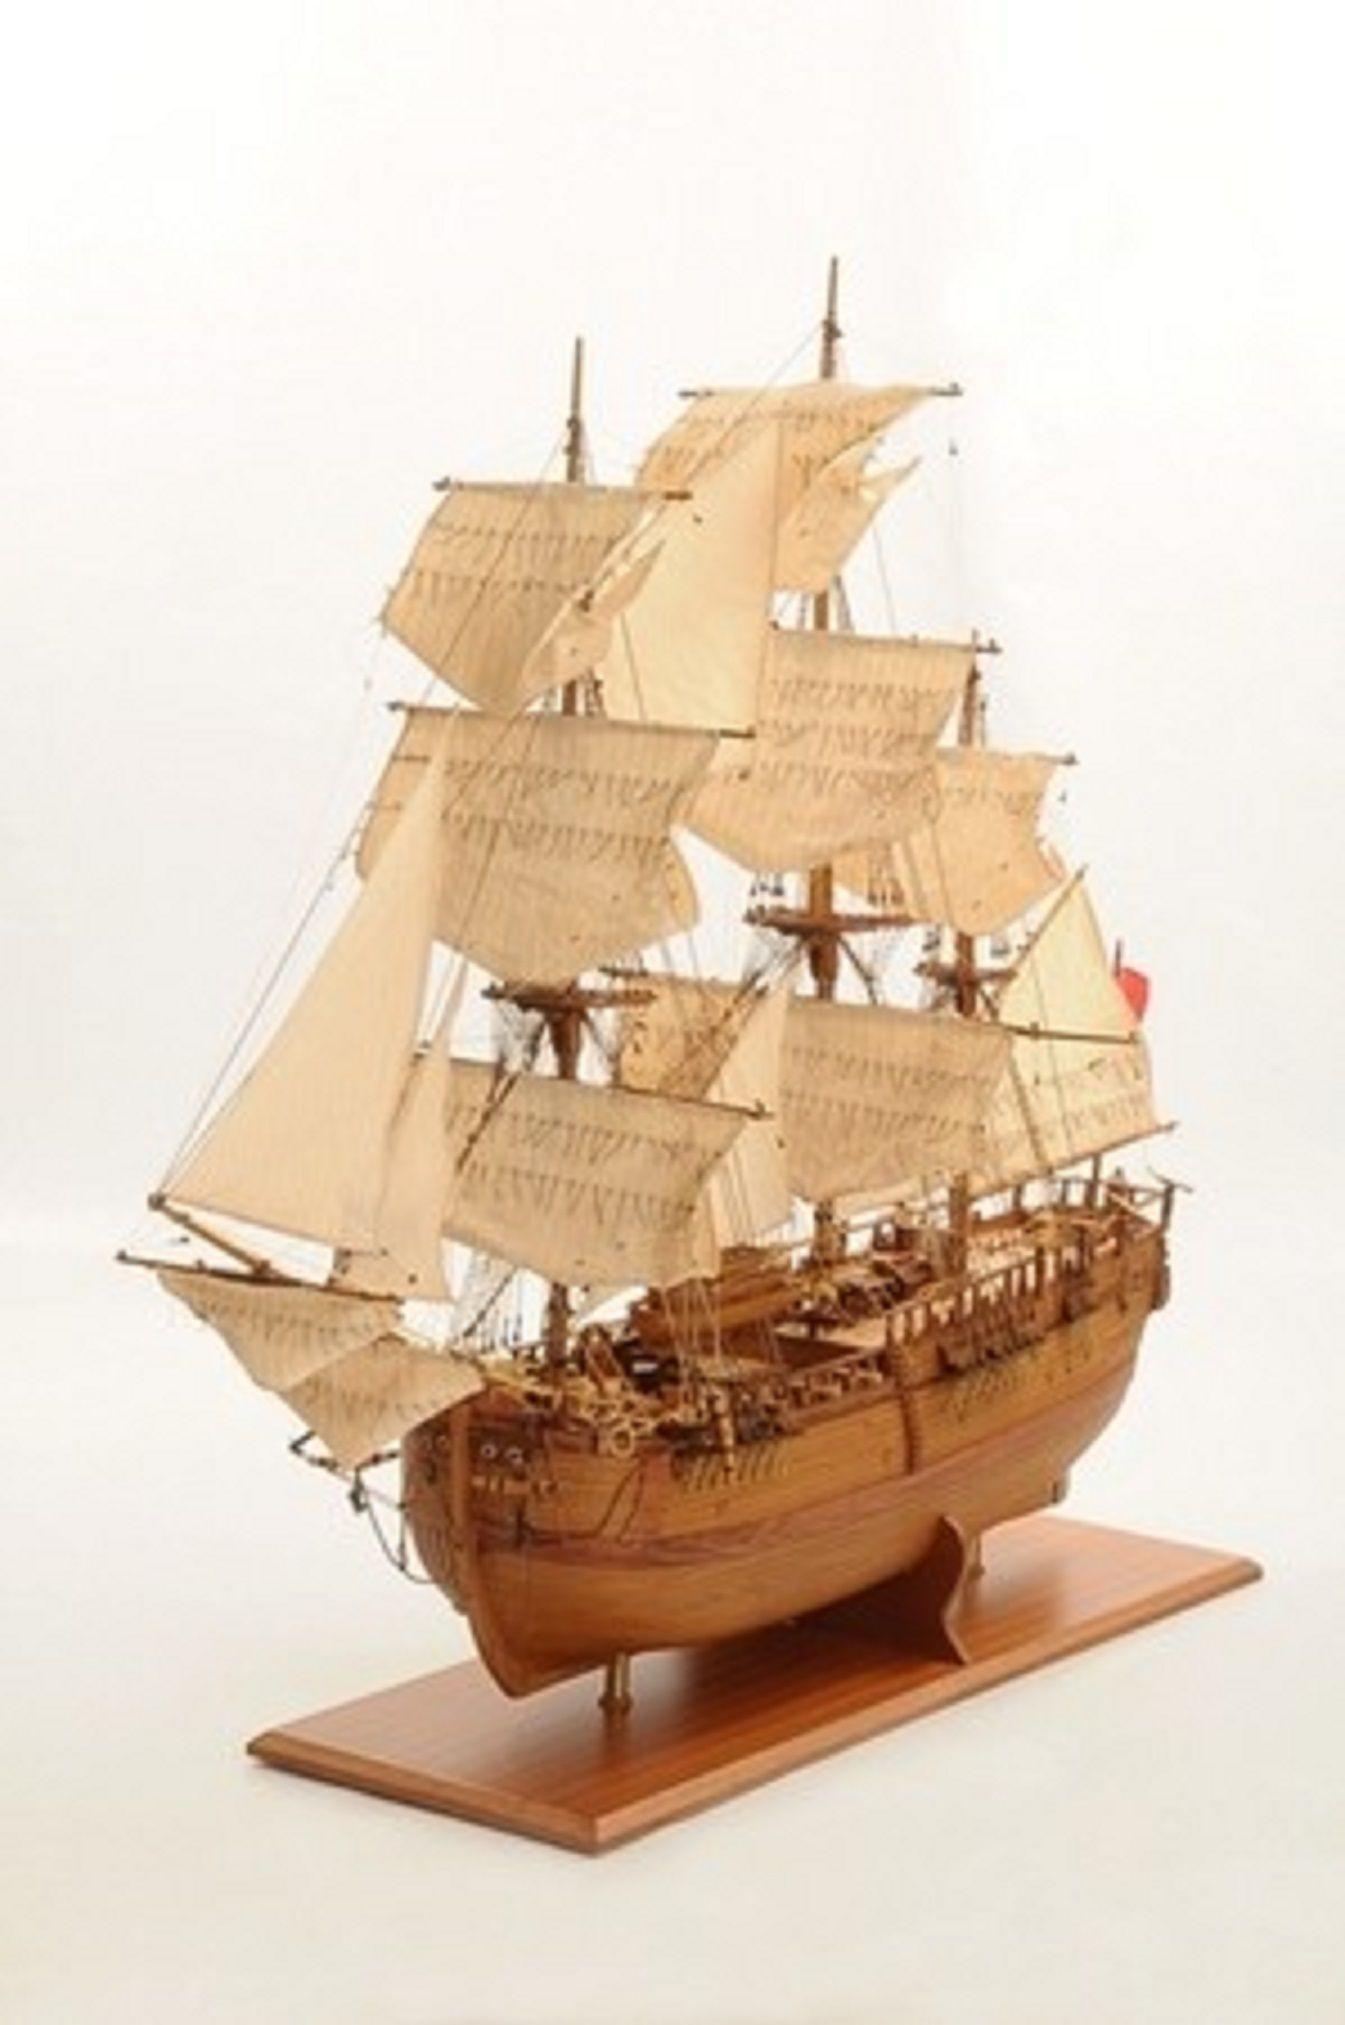 1232-7334-HMS-Endeavour-Open-Hull-Model-Ship-Premier-range